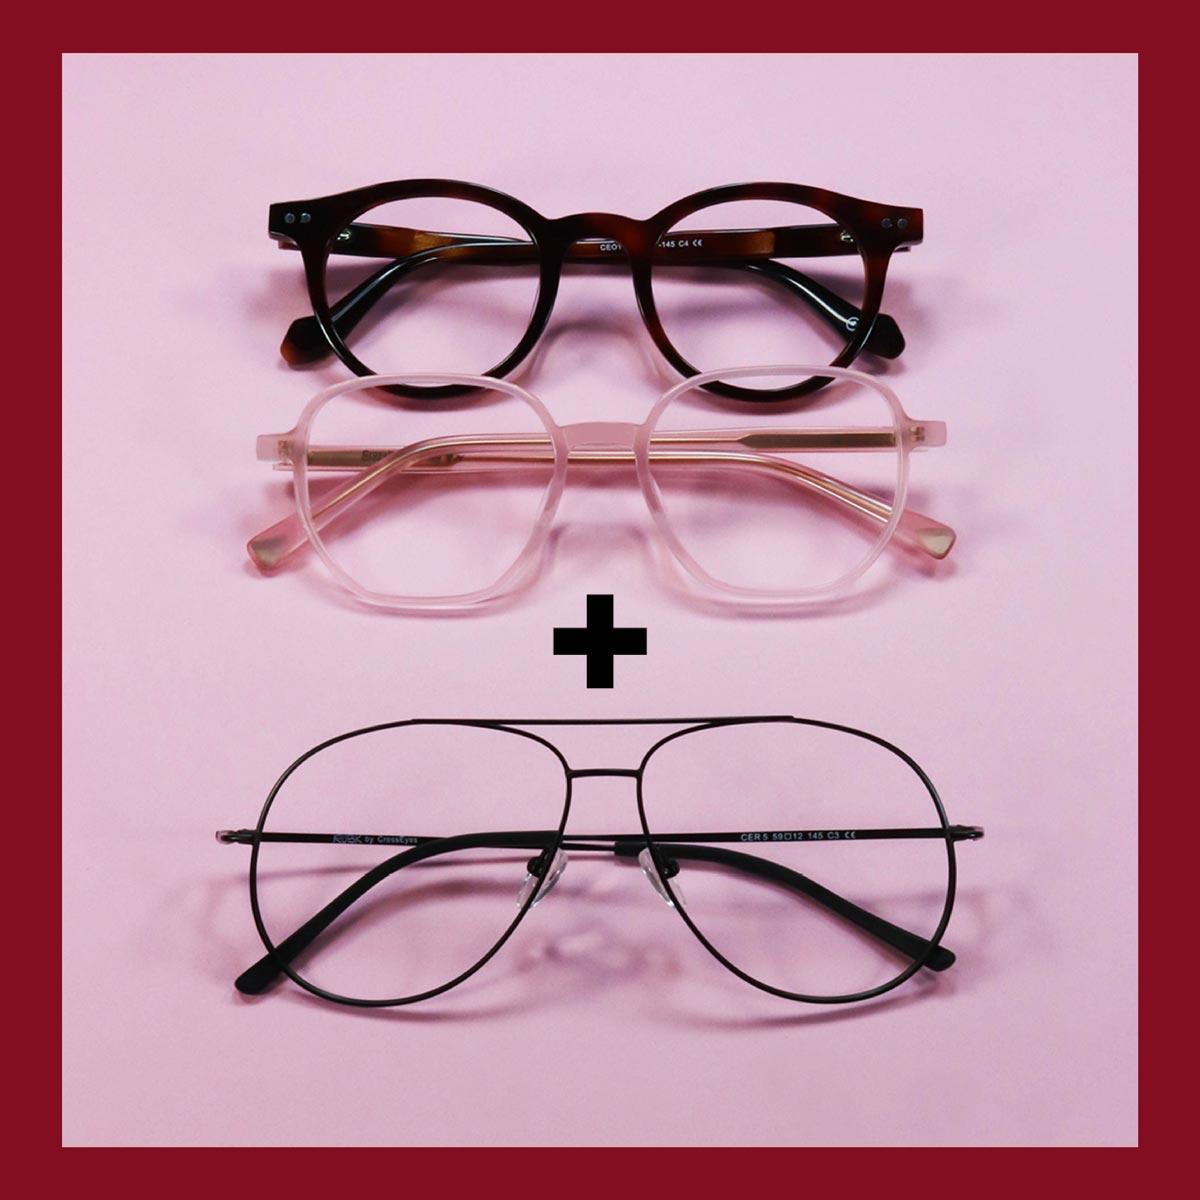 2+1 – få en ekstra brille med gratis